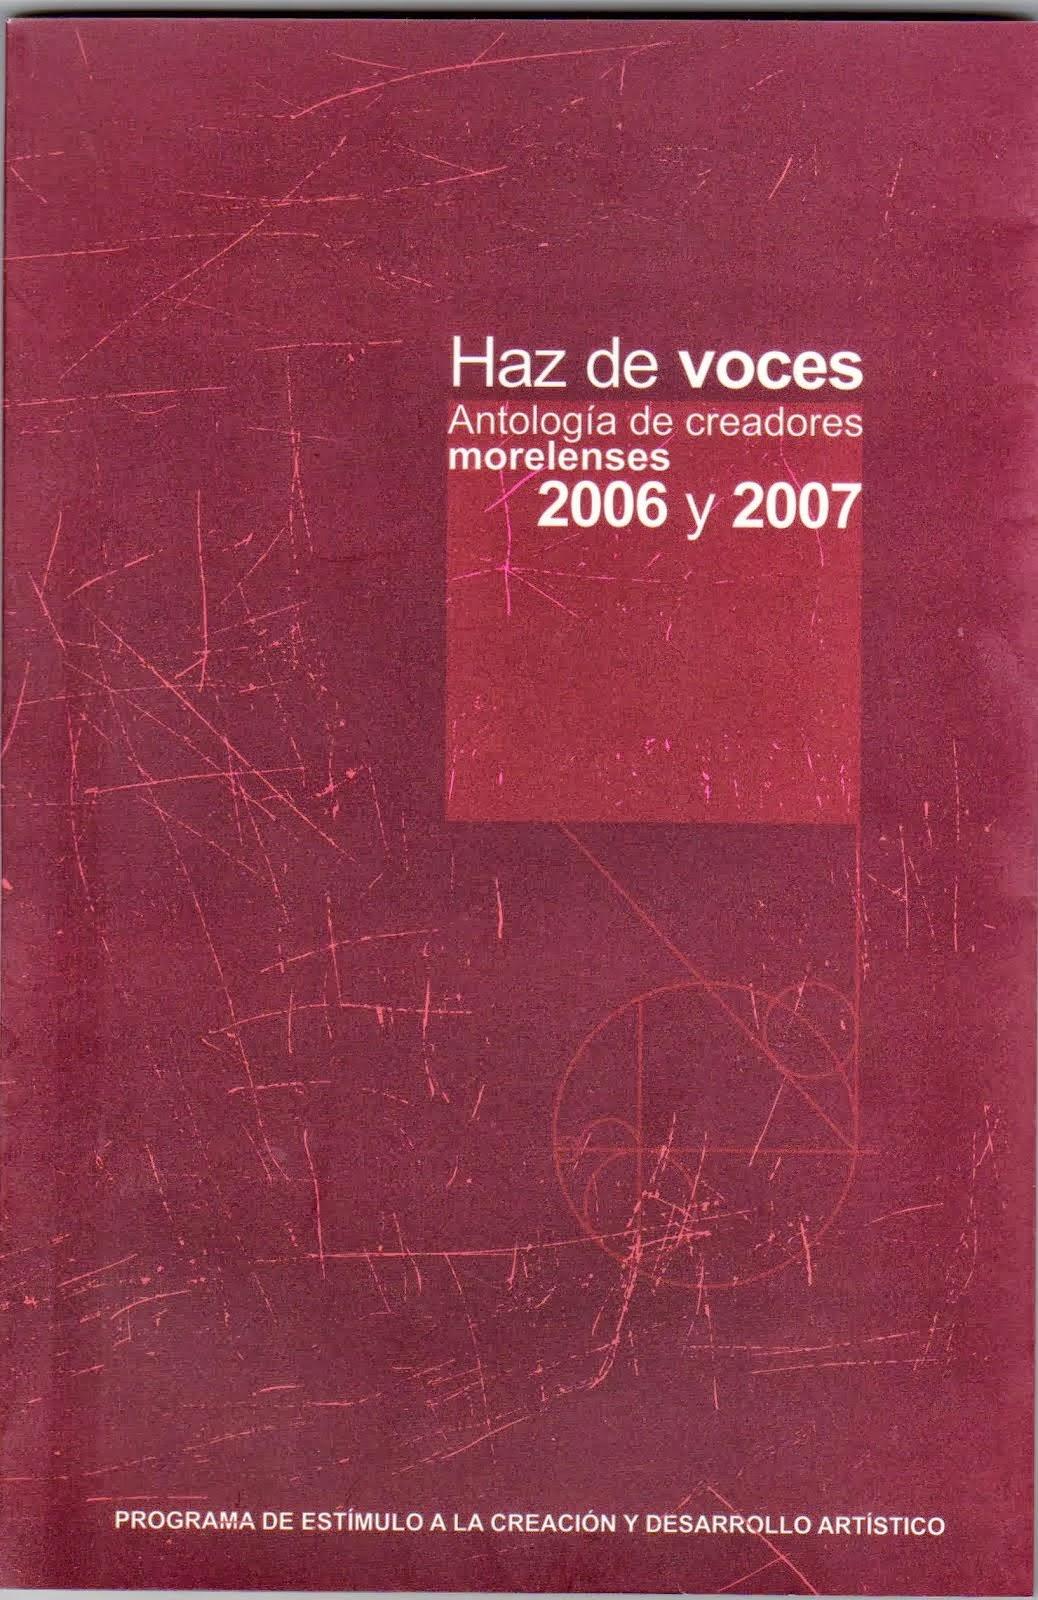 Haz de voces